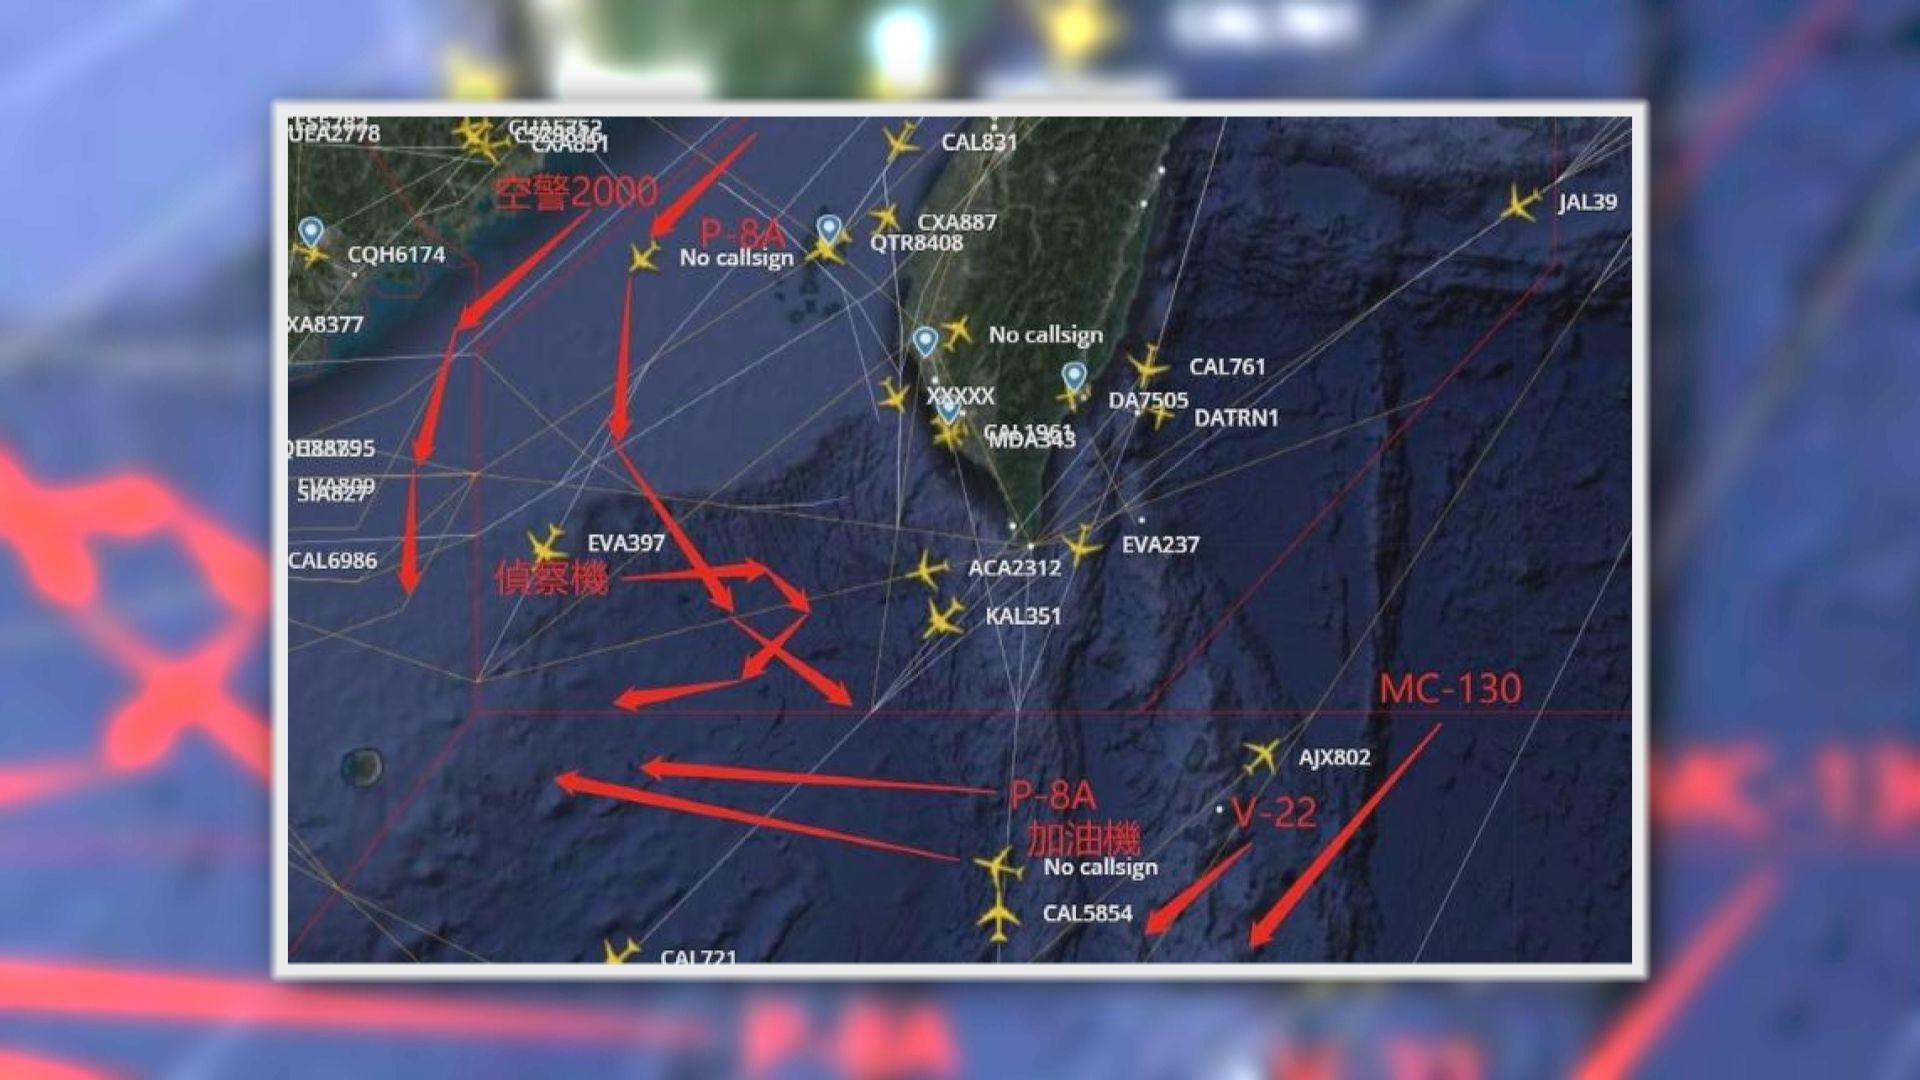 據報美軍機沿台海中線飛行 解放軍軍機曾廣播驅離